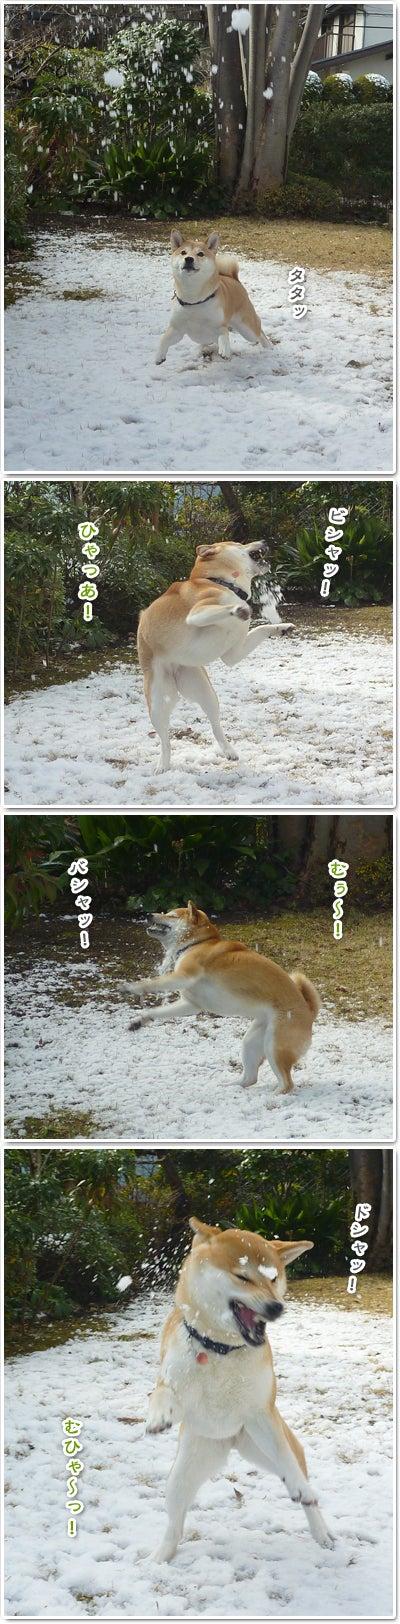 あたち柴犬 抹茶だヨ!  - 伊賀忍者柴犬の道 --120201_p5雪食い合戦